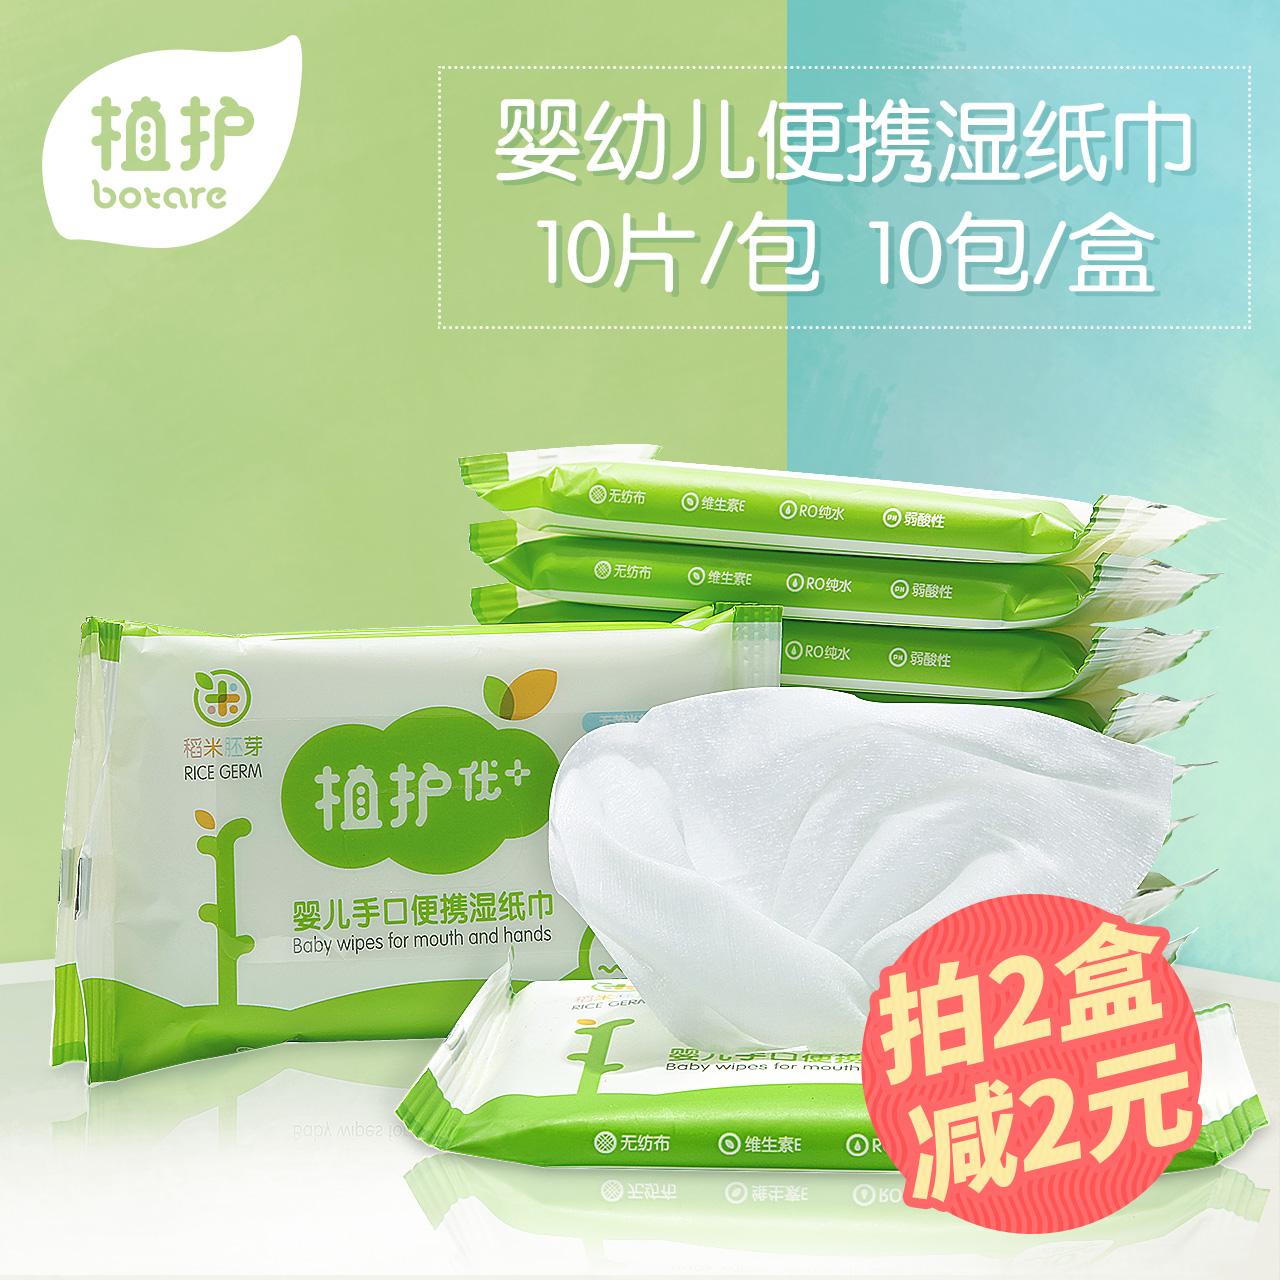 植护 婴儿手口专用湿巾纸 便捷迷你装 随身装旅行装10抽*10包